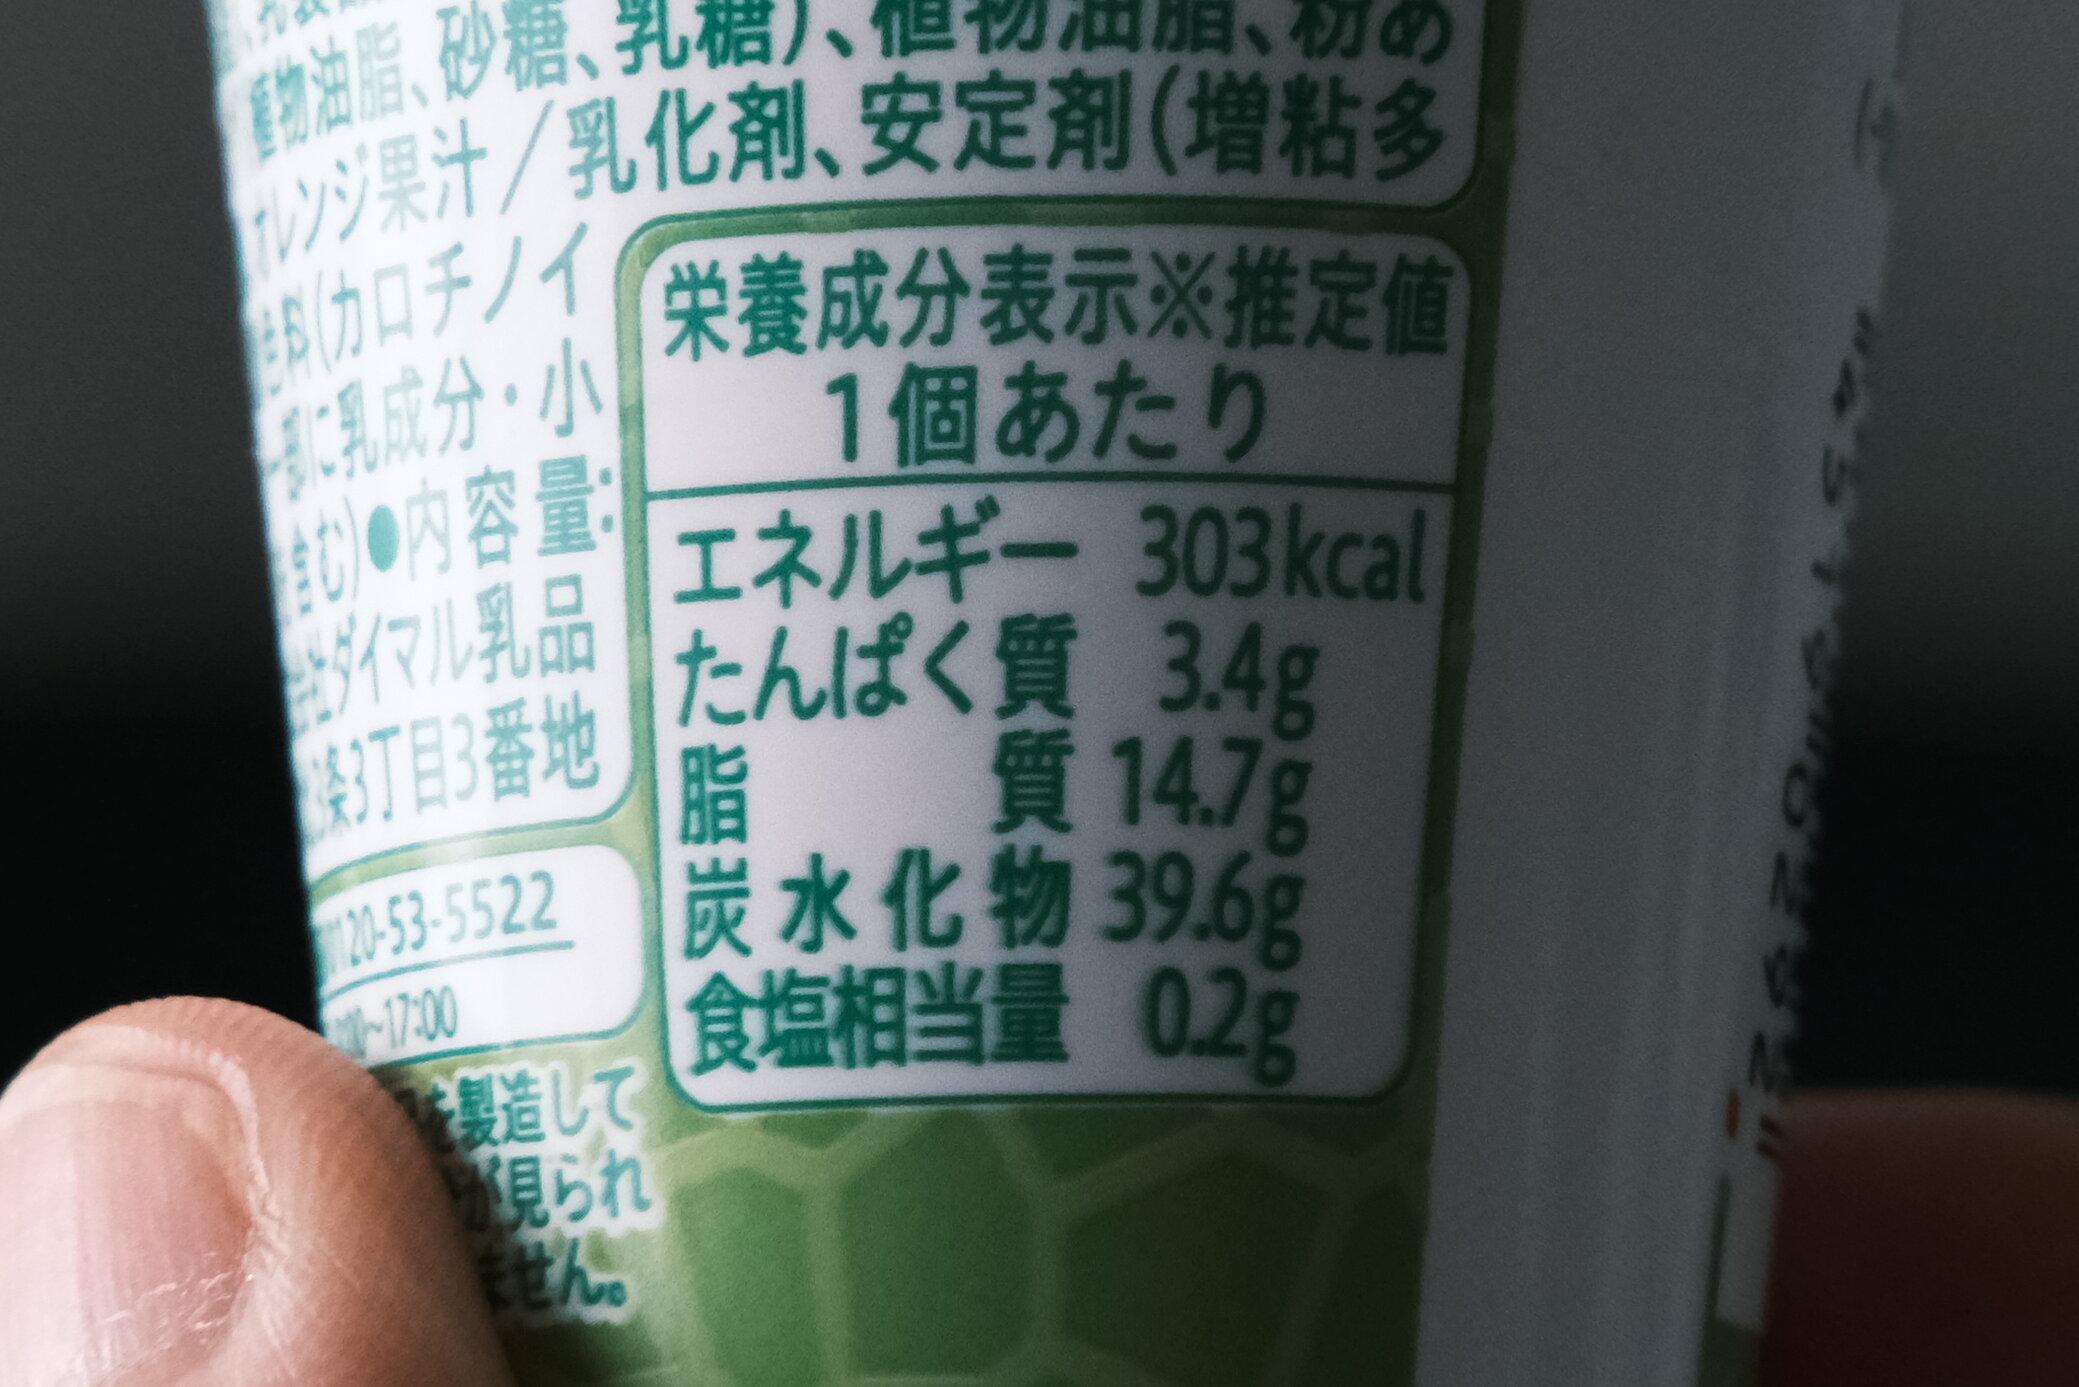 セイコーマート メロンソフト 栄養成分表示